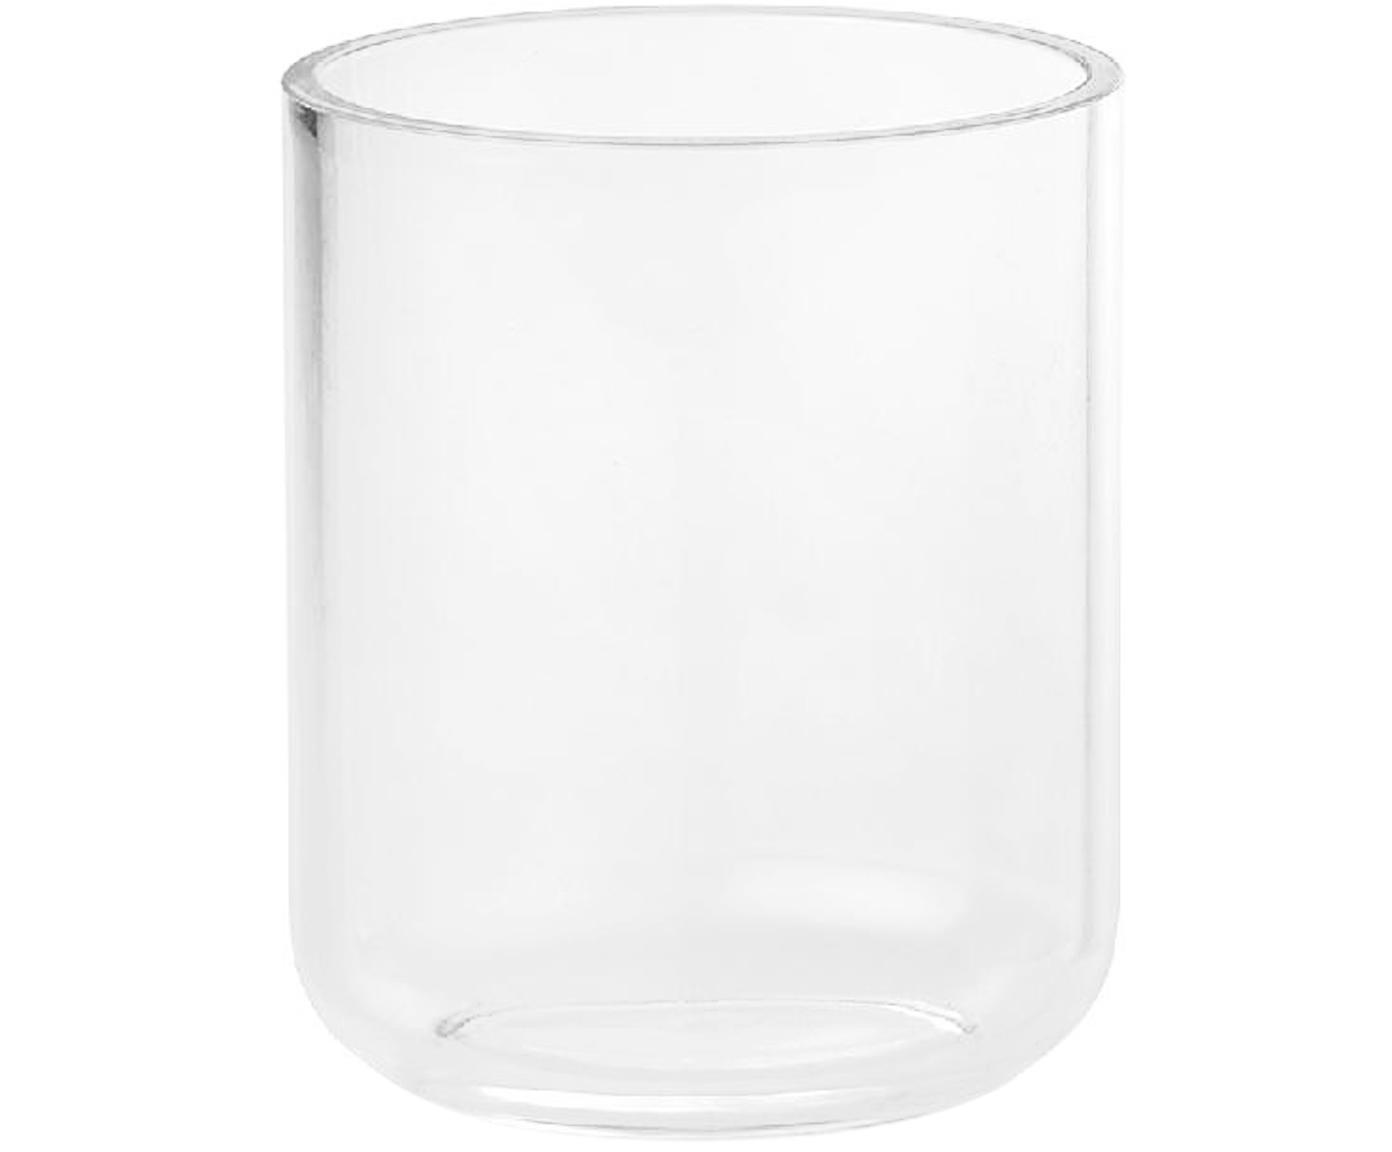 Kubek na szczoteczki ze szkła akrylowego Delan, Szkło akrylowe, Transparentny, Ø 9 x W 12 cm